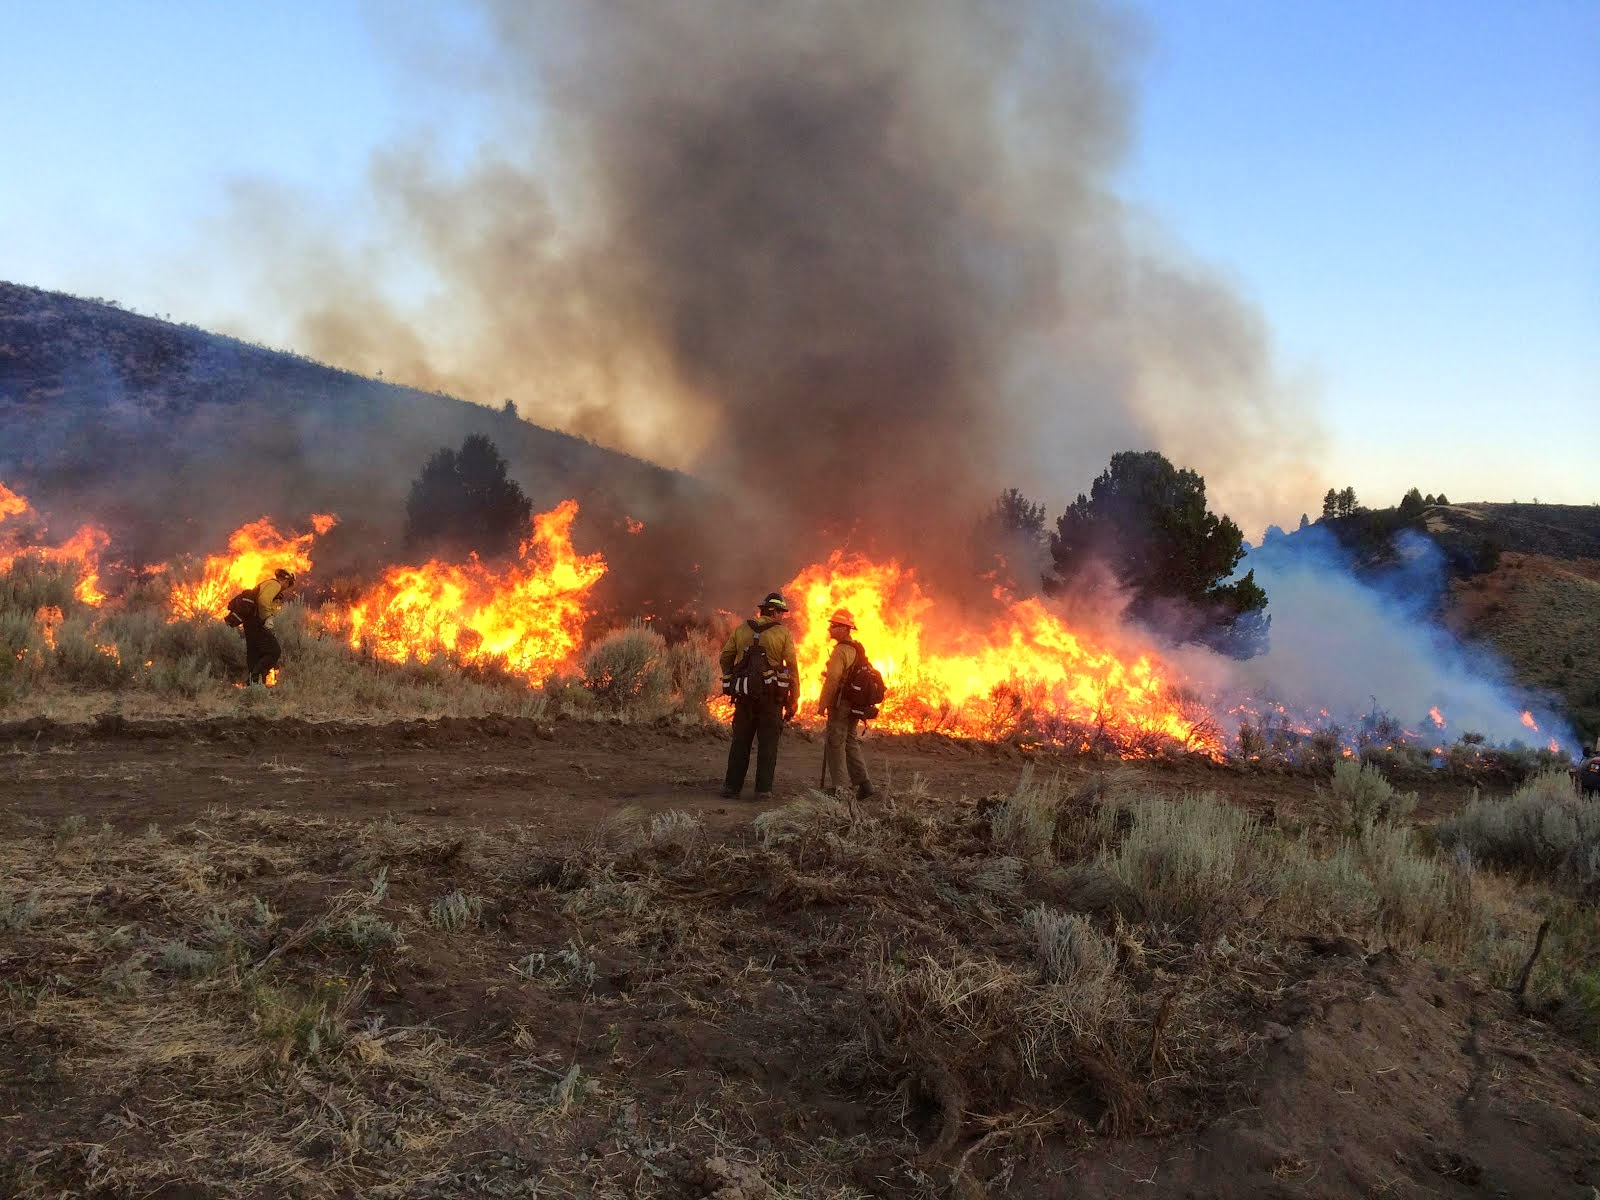 Rye Valley Fire